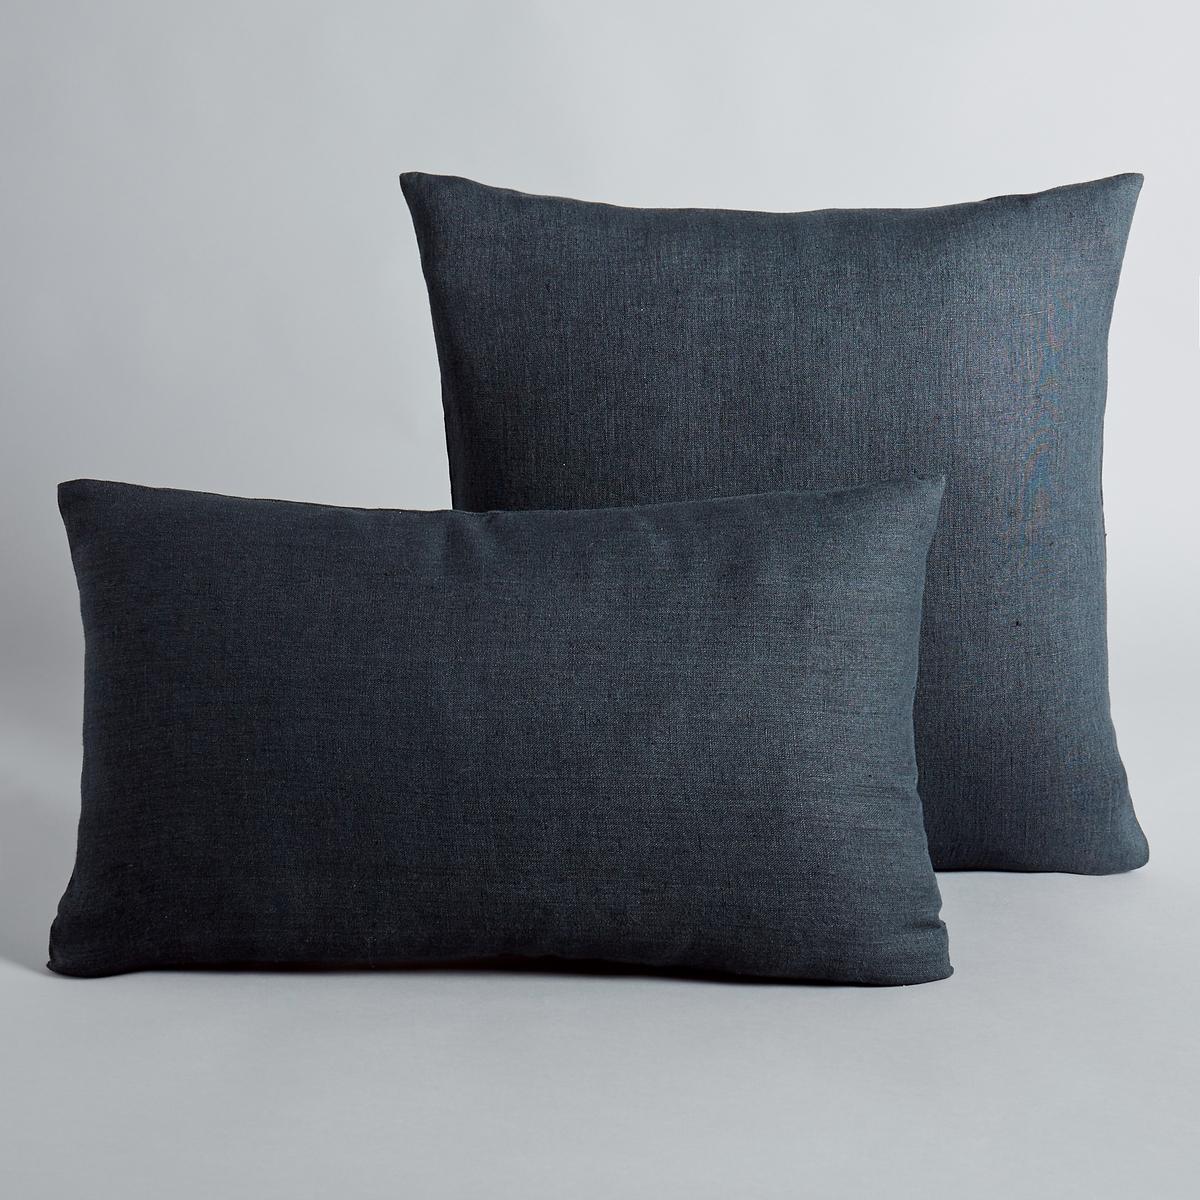 Льняной чехол для подушки, GeorgetteМатериал : - 100% льнаРазмер : - 50 x 30см : прямоугольная форма- 45 x 45 см : квадратная наволочка<br><br>Цвет: антрацит,бирюзовый,желтый карри,оранжевый,розовый,светло-серый,серо-зеленый,синий морской,экрю